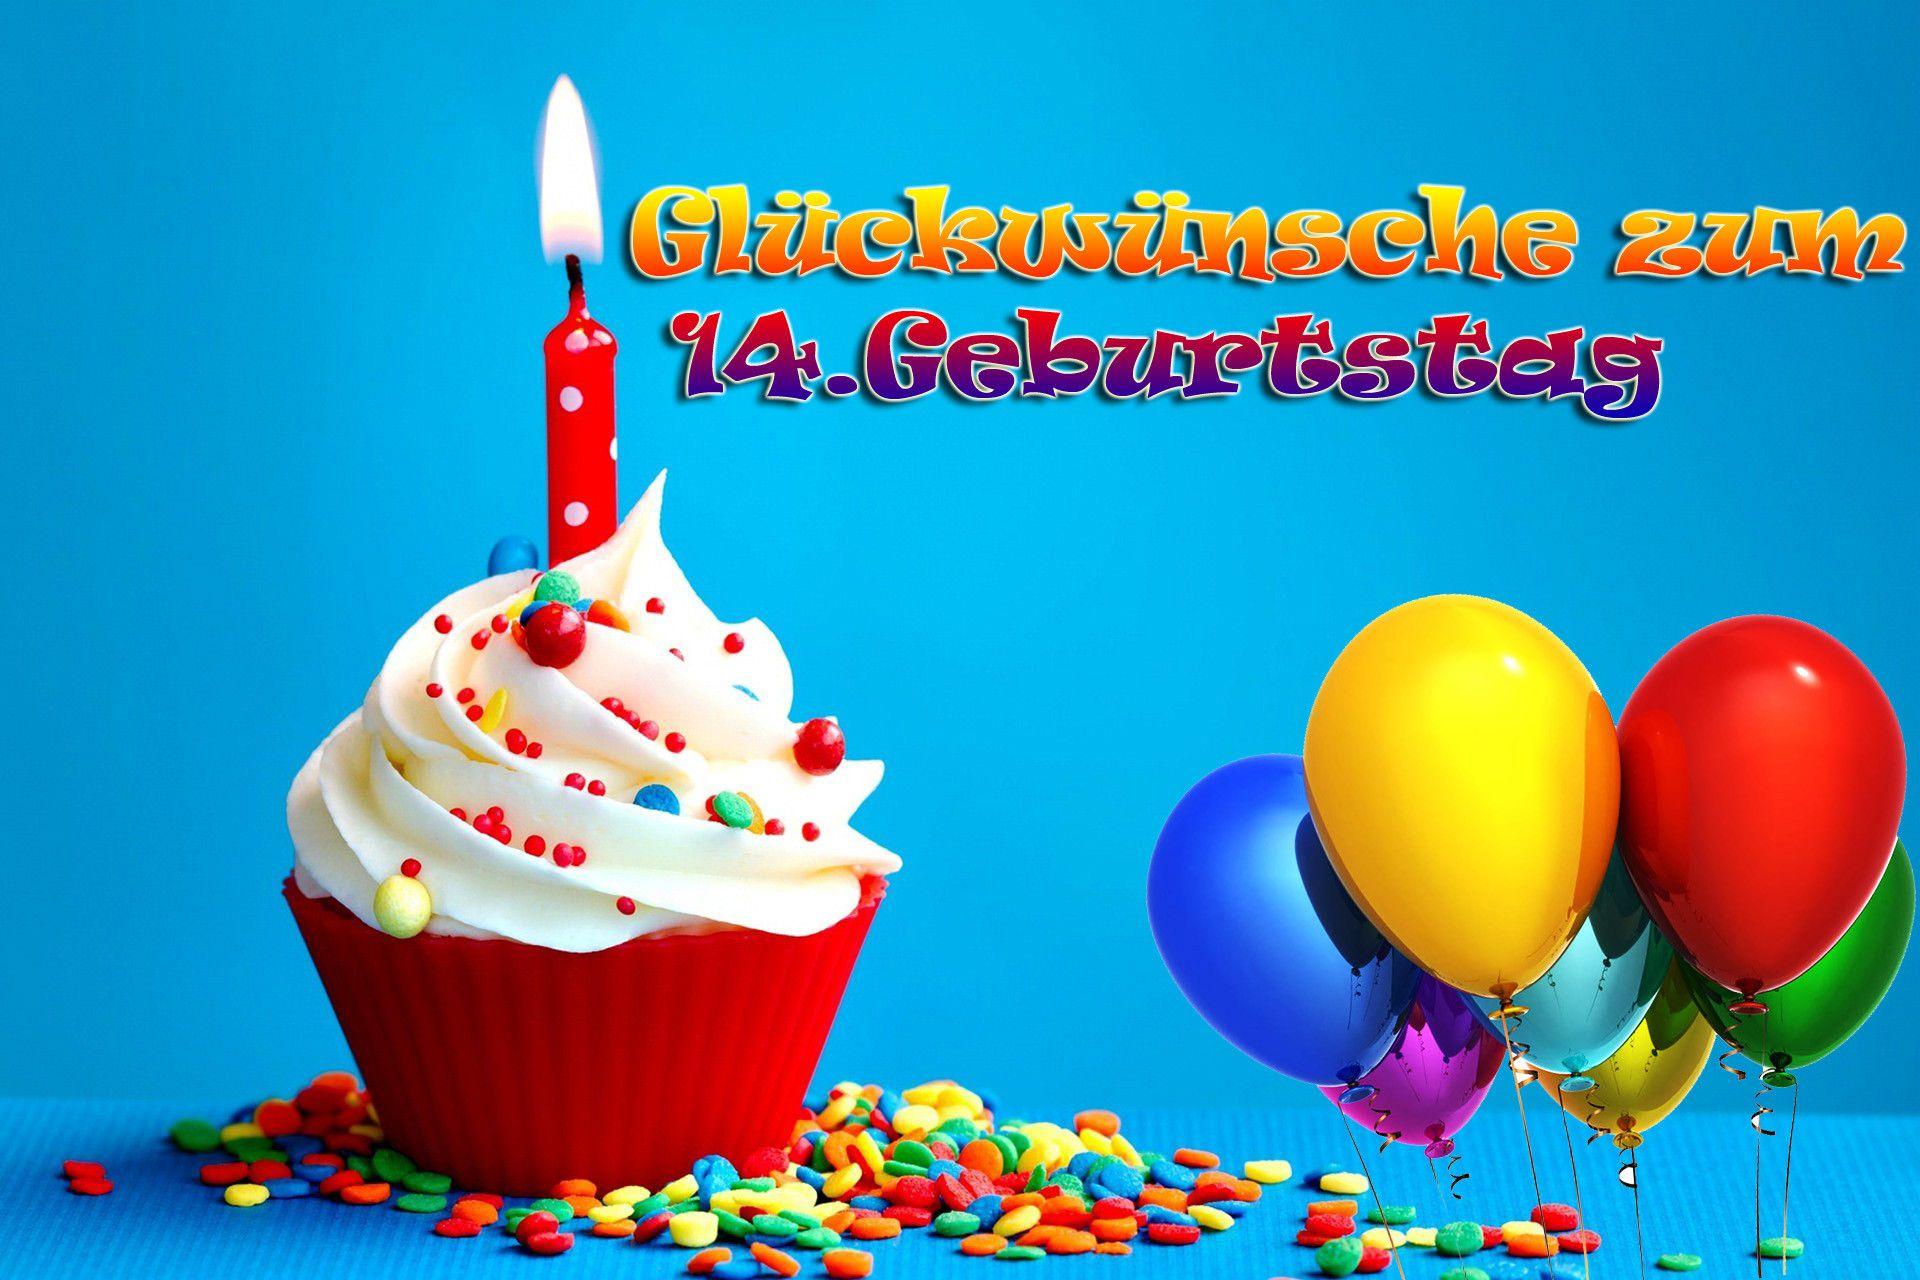 Ortsschild Deko Bild Geschenkidee Zum 14 Geburtstag Gluckwunsch